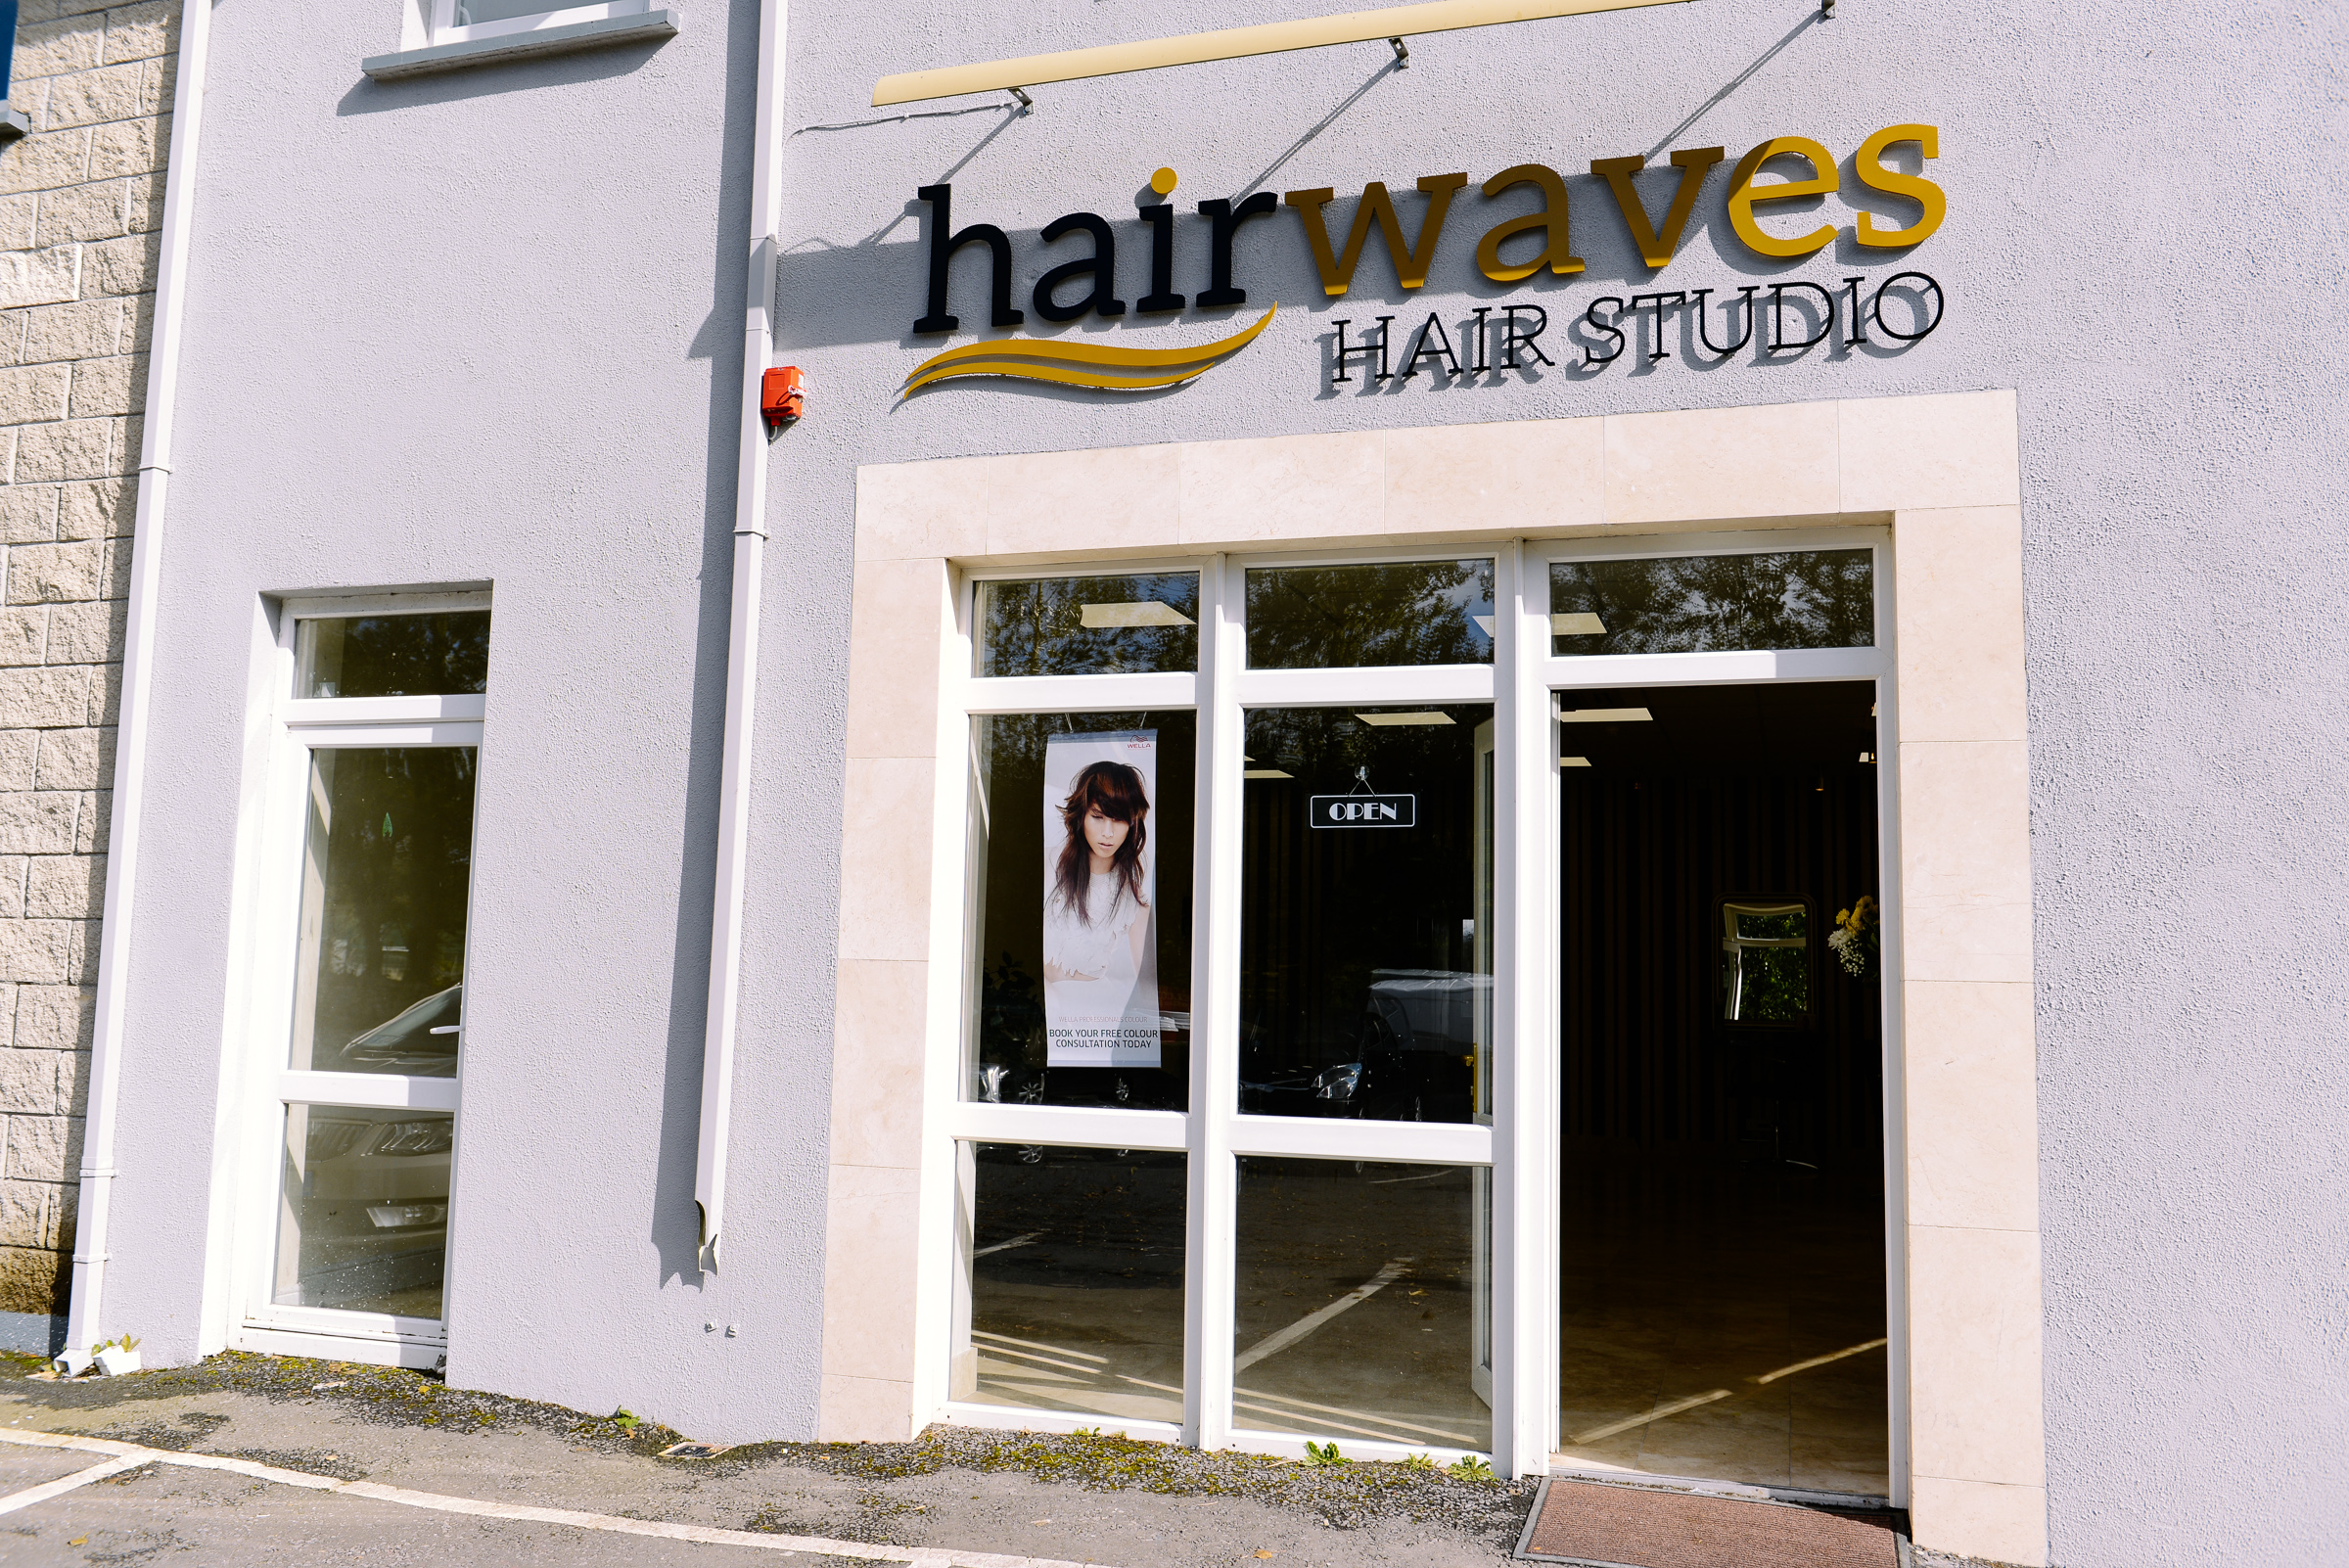 hairwaves hair studio